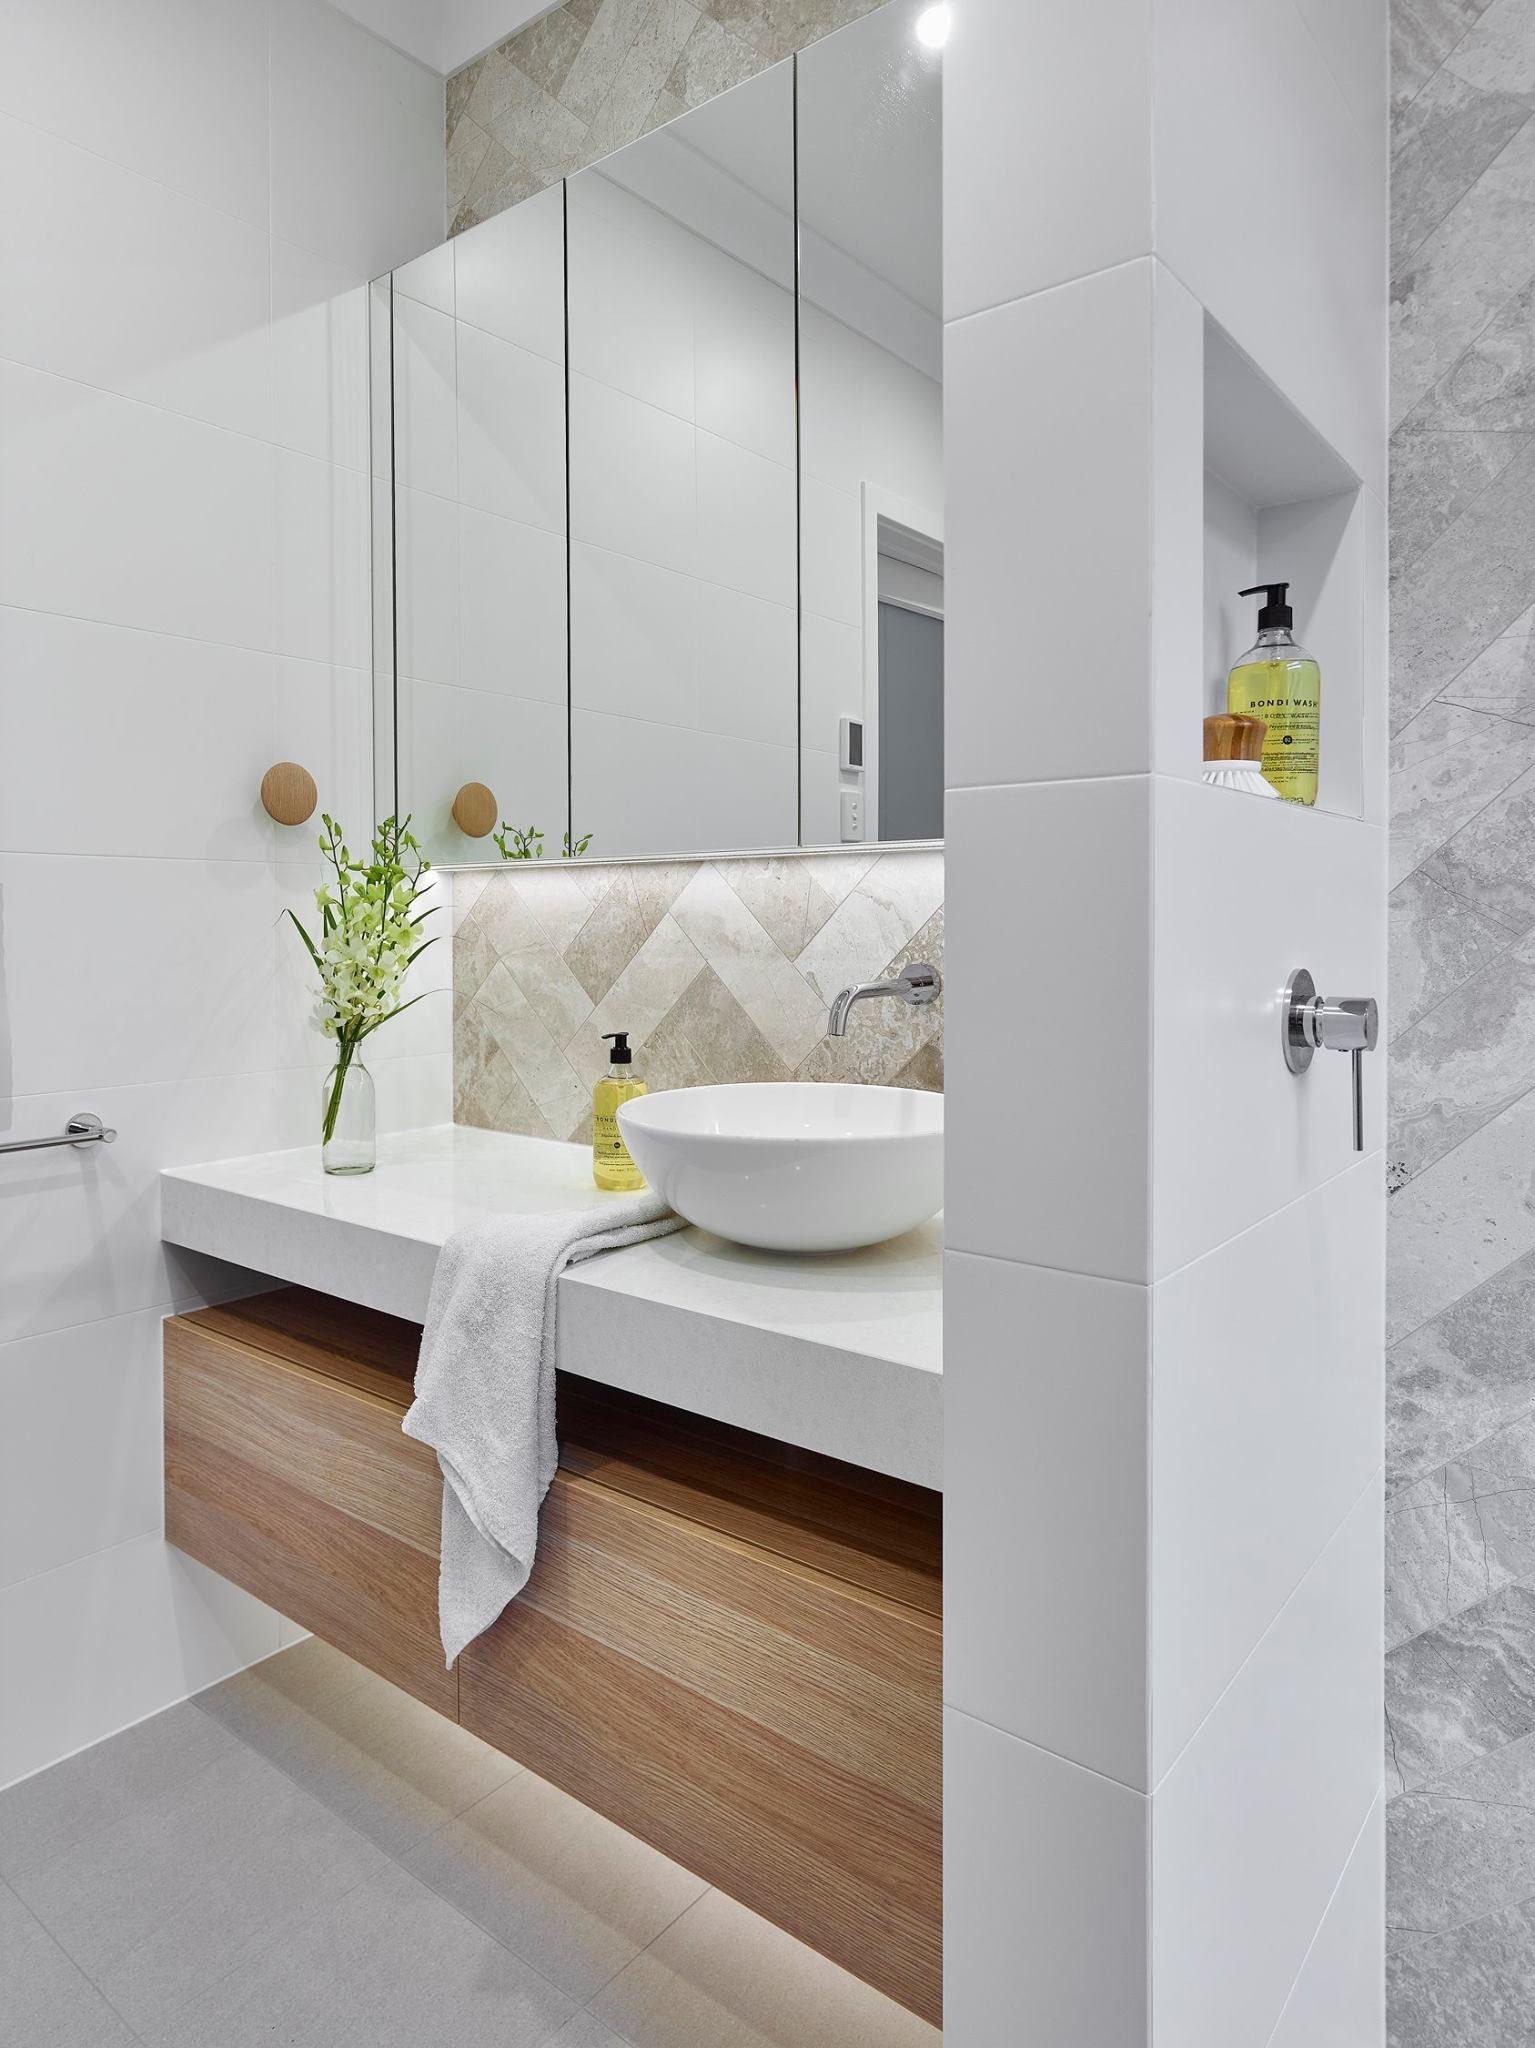 Pin by Marta Kaczmarczyk on łazienka   Pinterest   Bathroom designs ...